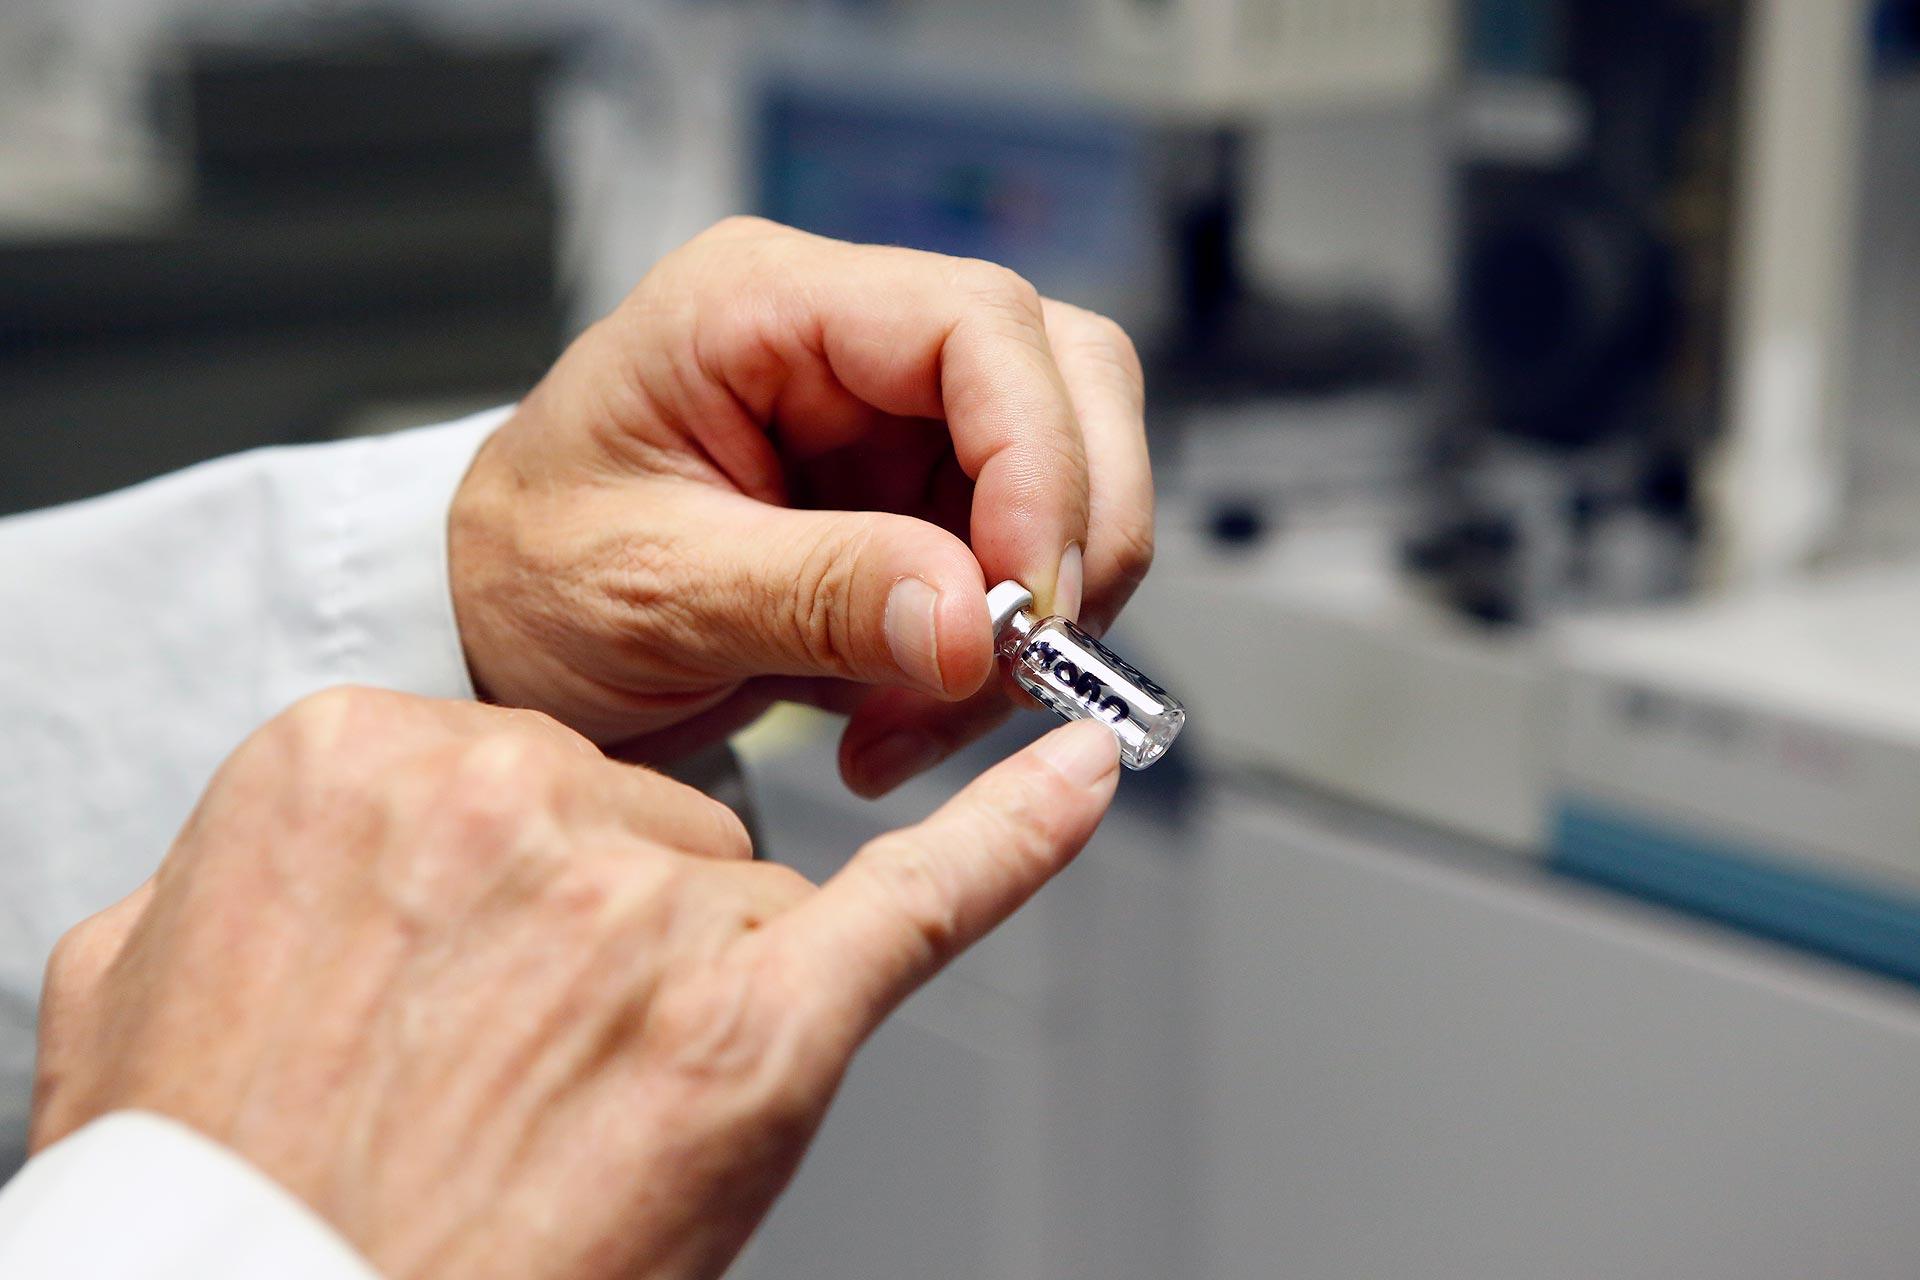 Heiner Trauer und sein Team untersuchen im Labor pro Jahr 3000 Blutproben der Polizei auf illegale Substanzen.